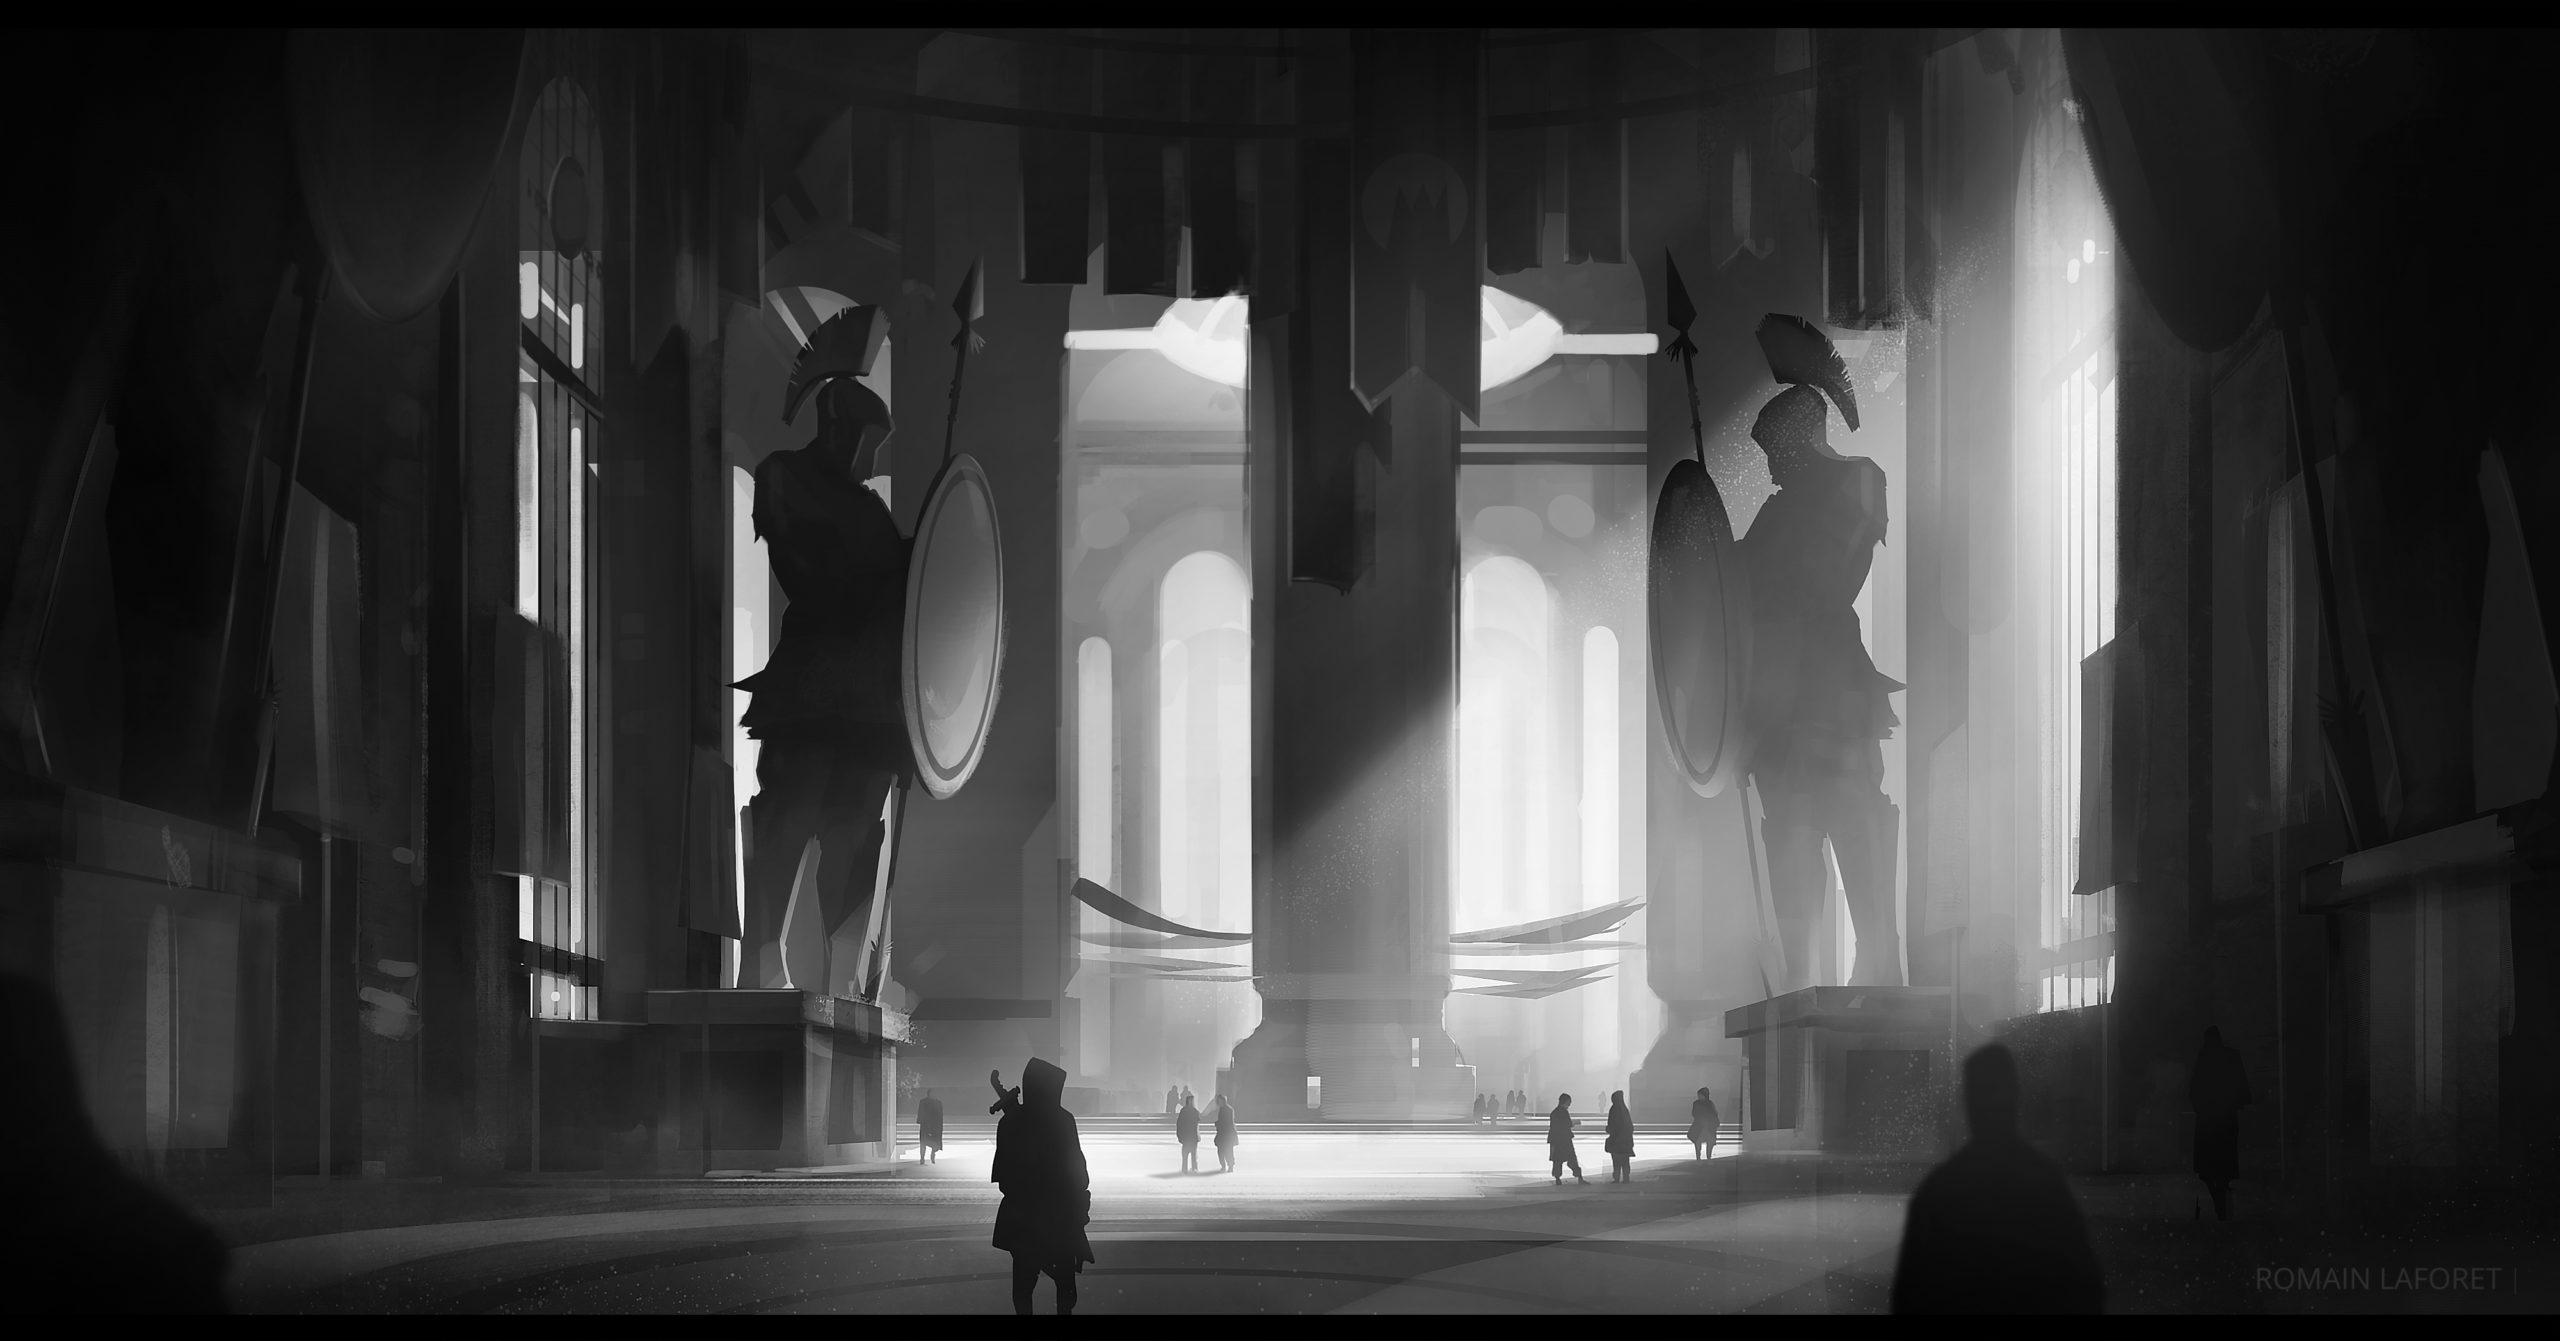 forum entrance romain laforet concept art noir et blanc